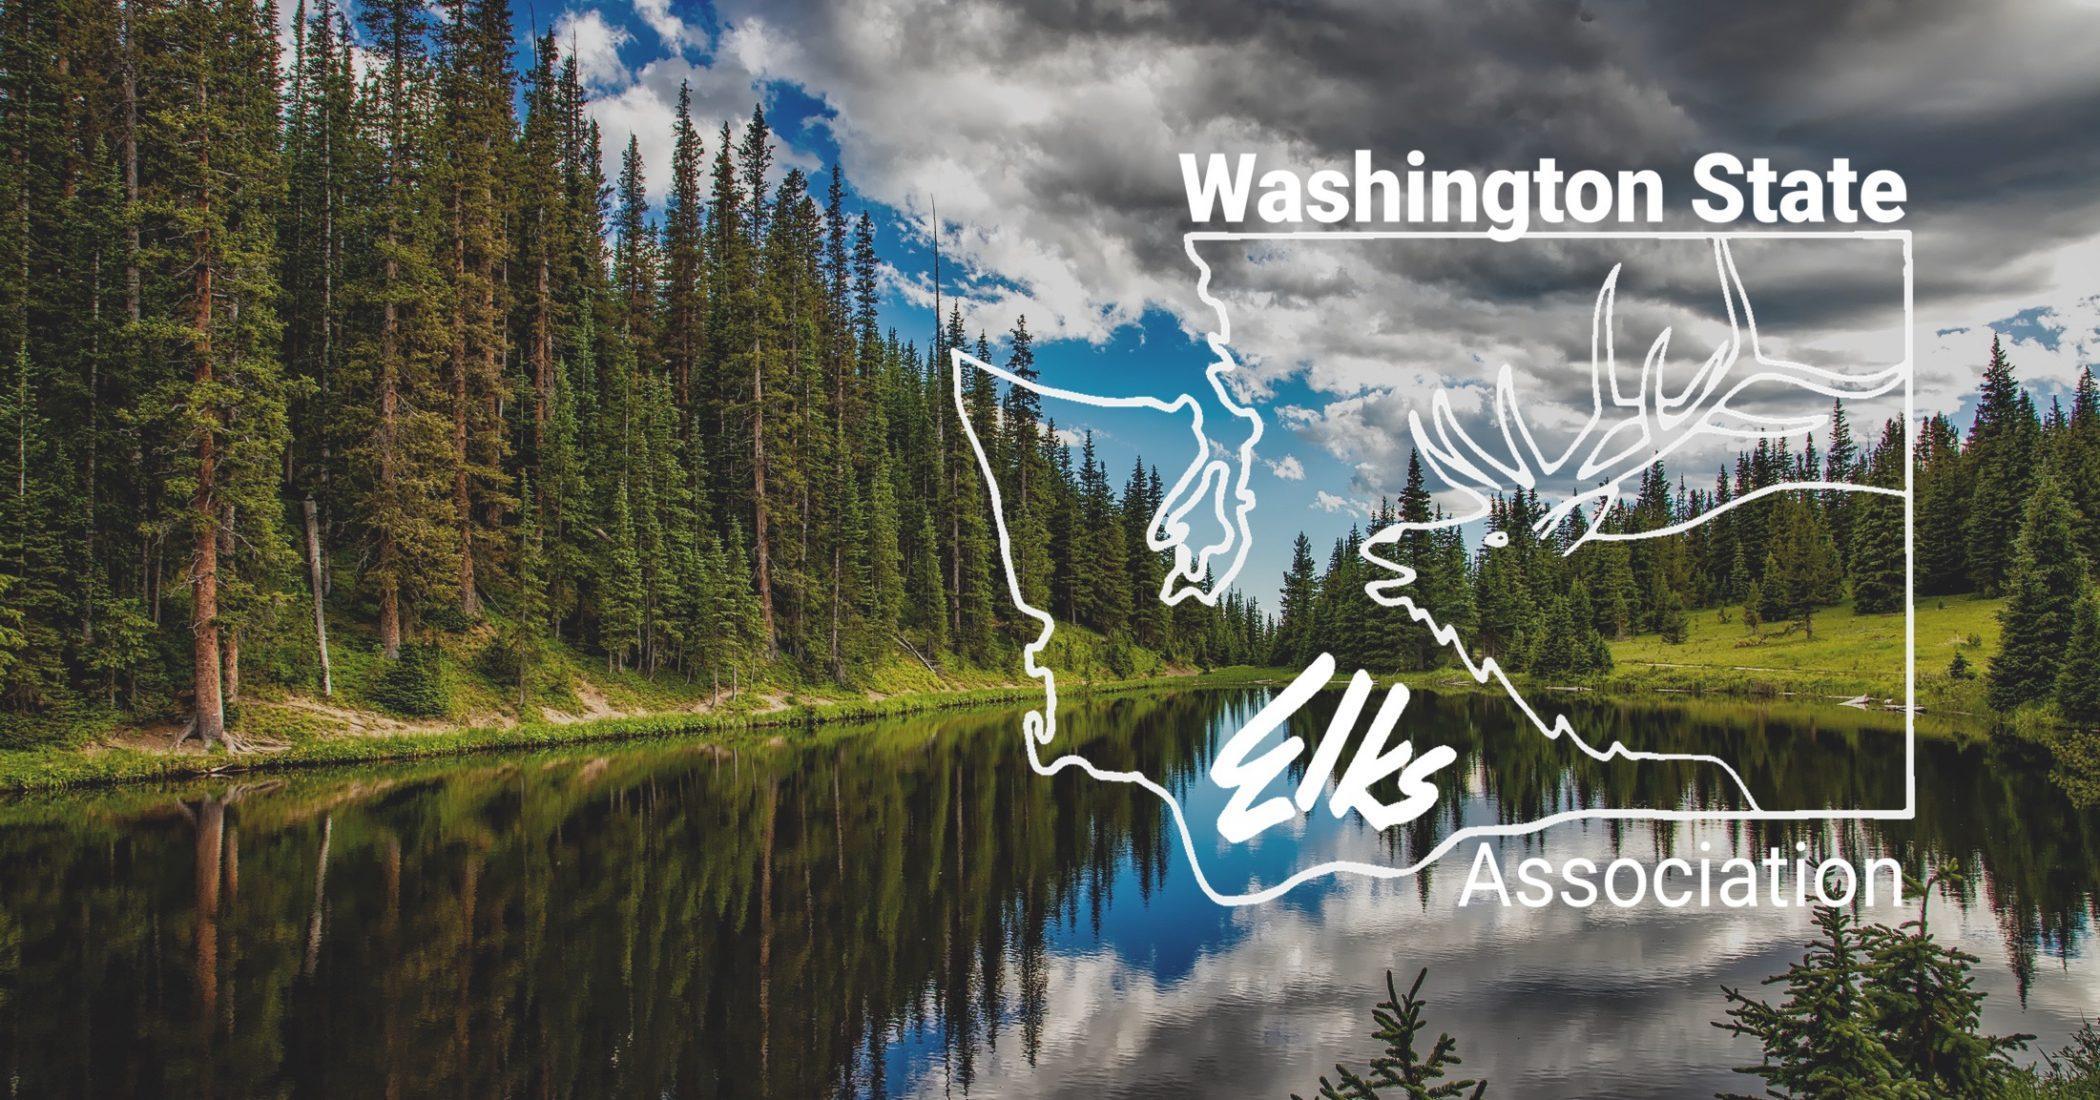 washington state elks association elks care elks share